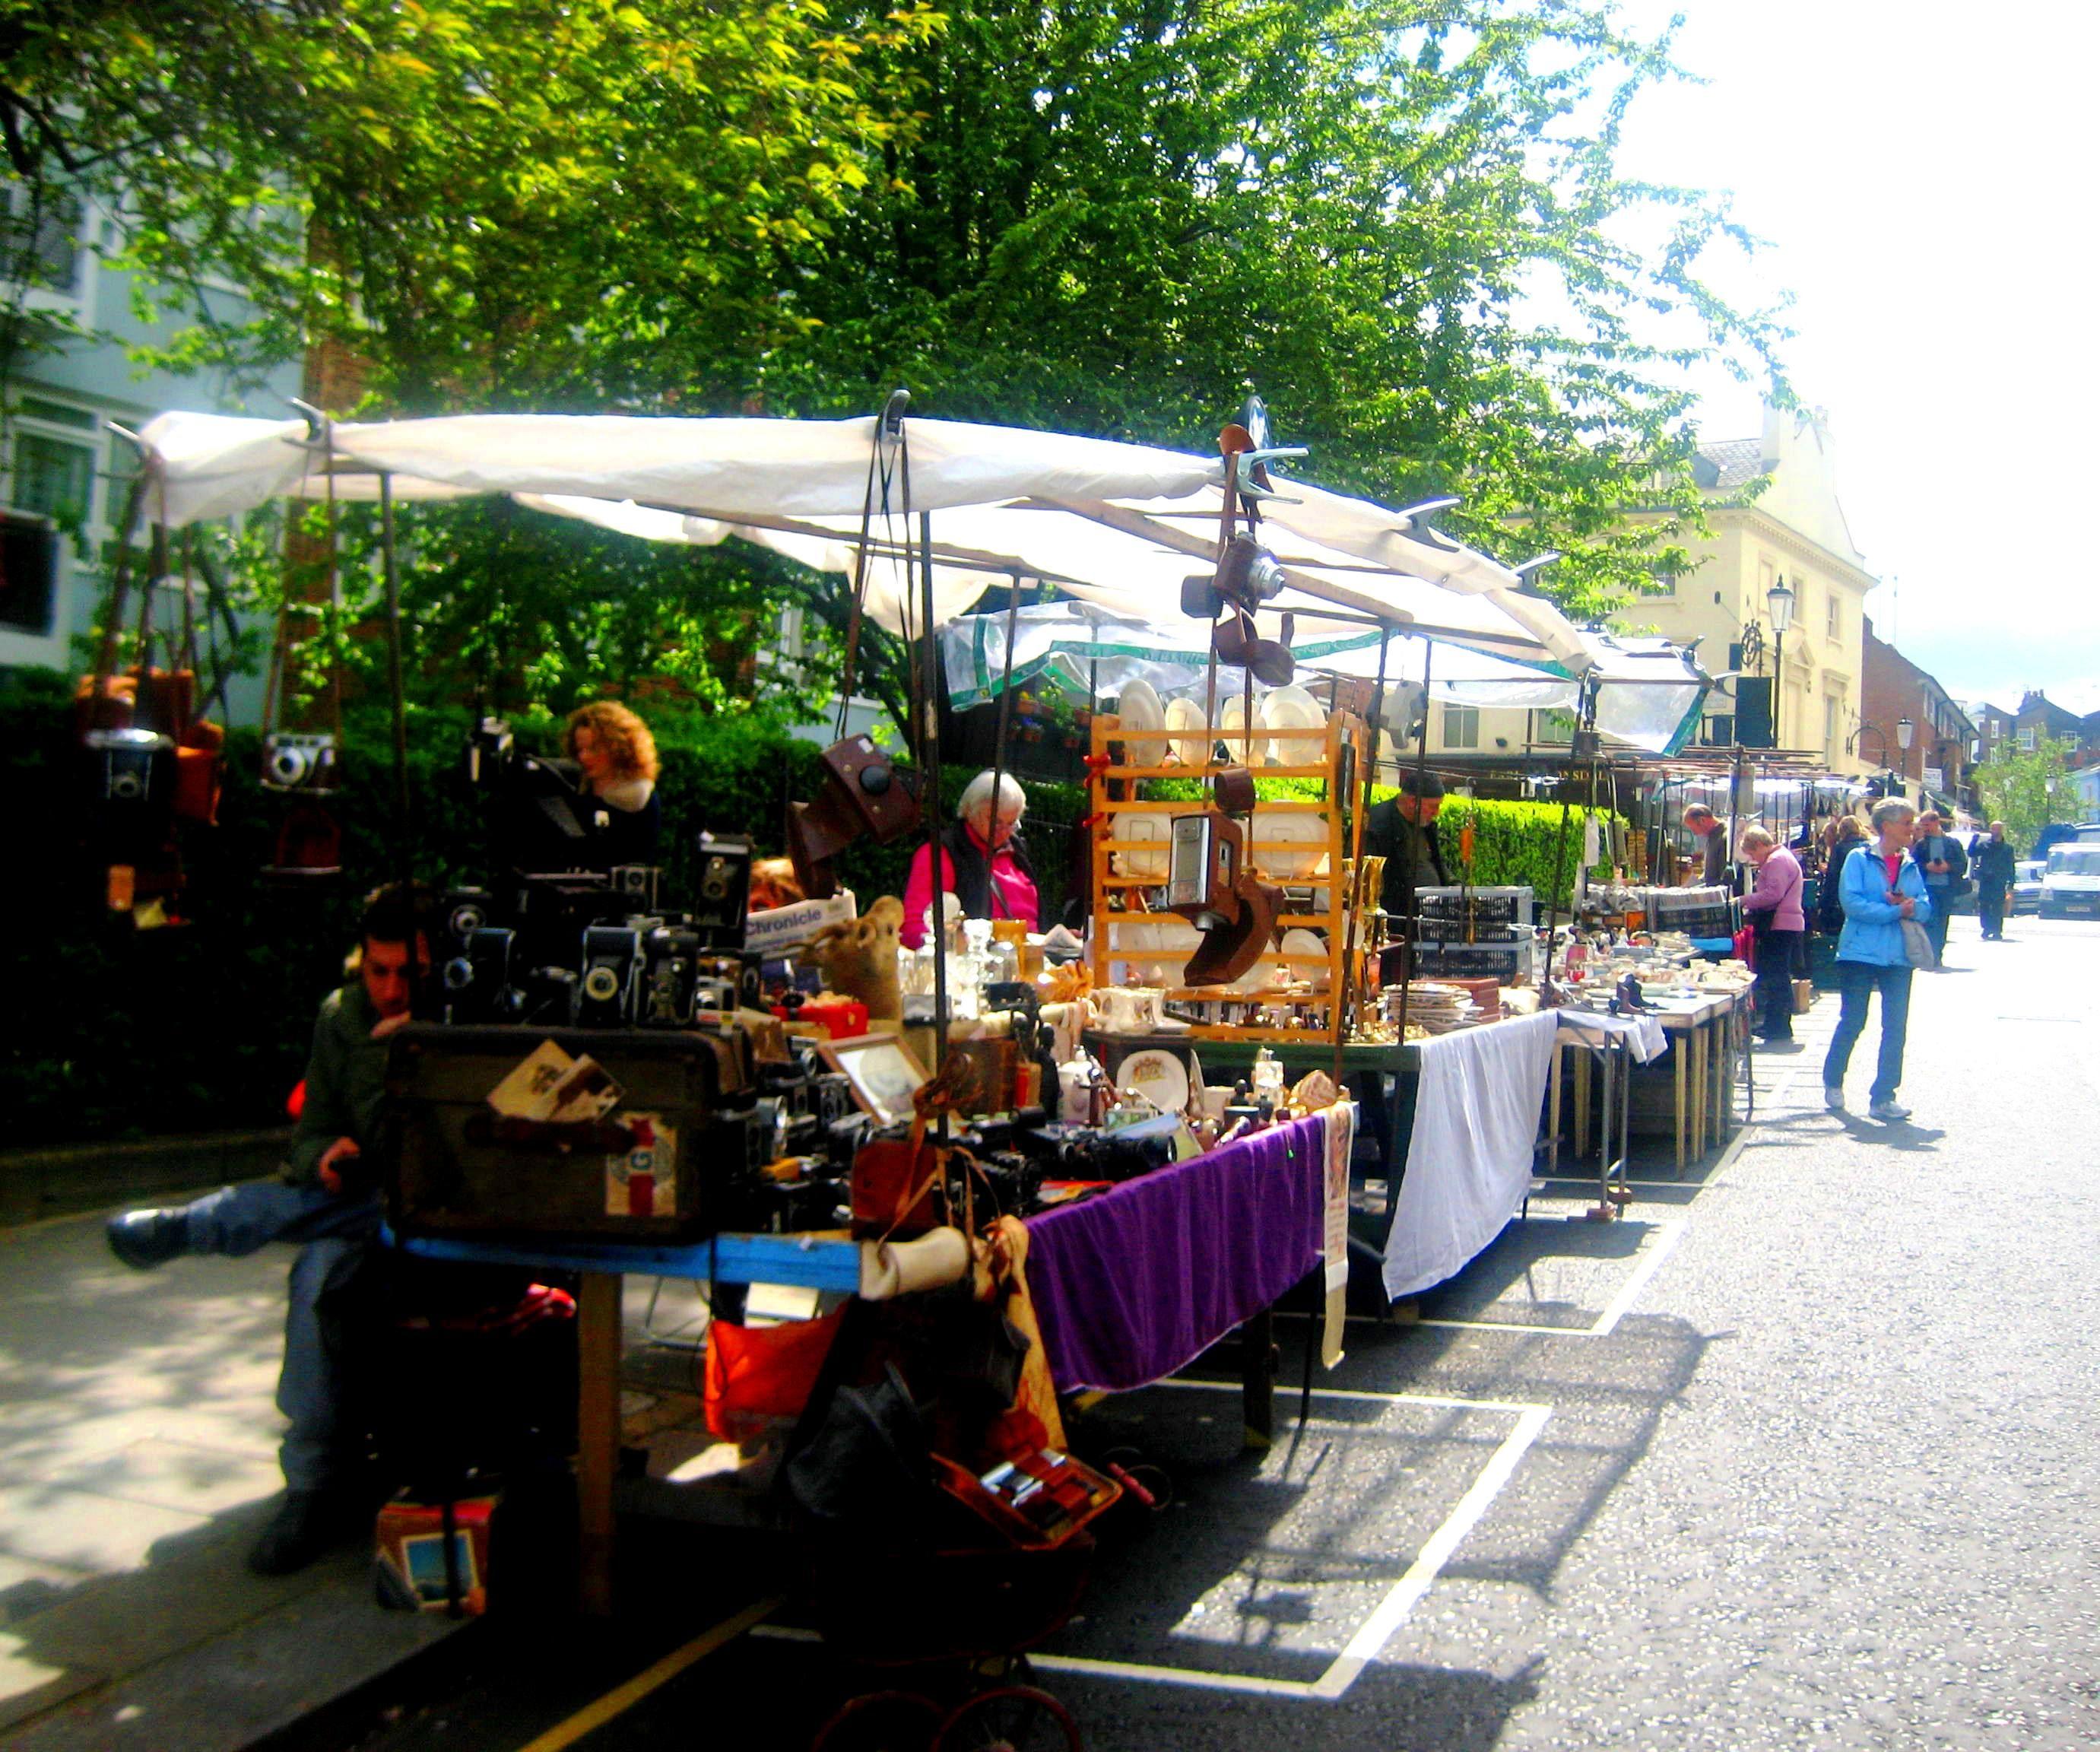 Portobello Road Market nel London, Greater London. Il mercato delle pulci più romantico che abbia mai visto.